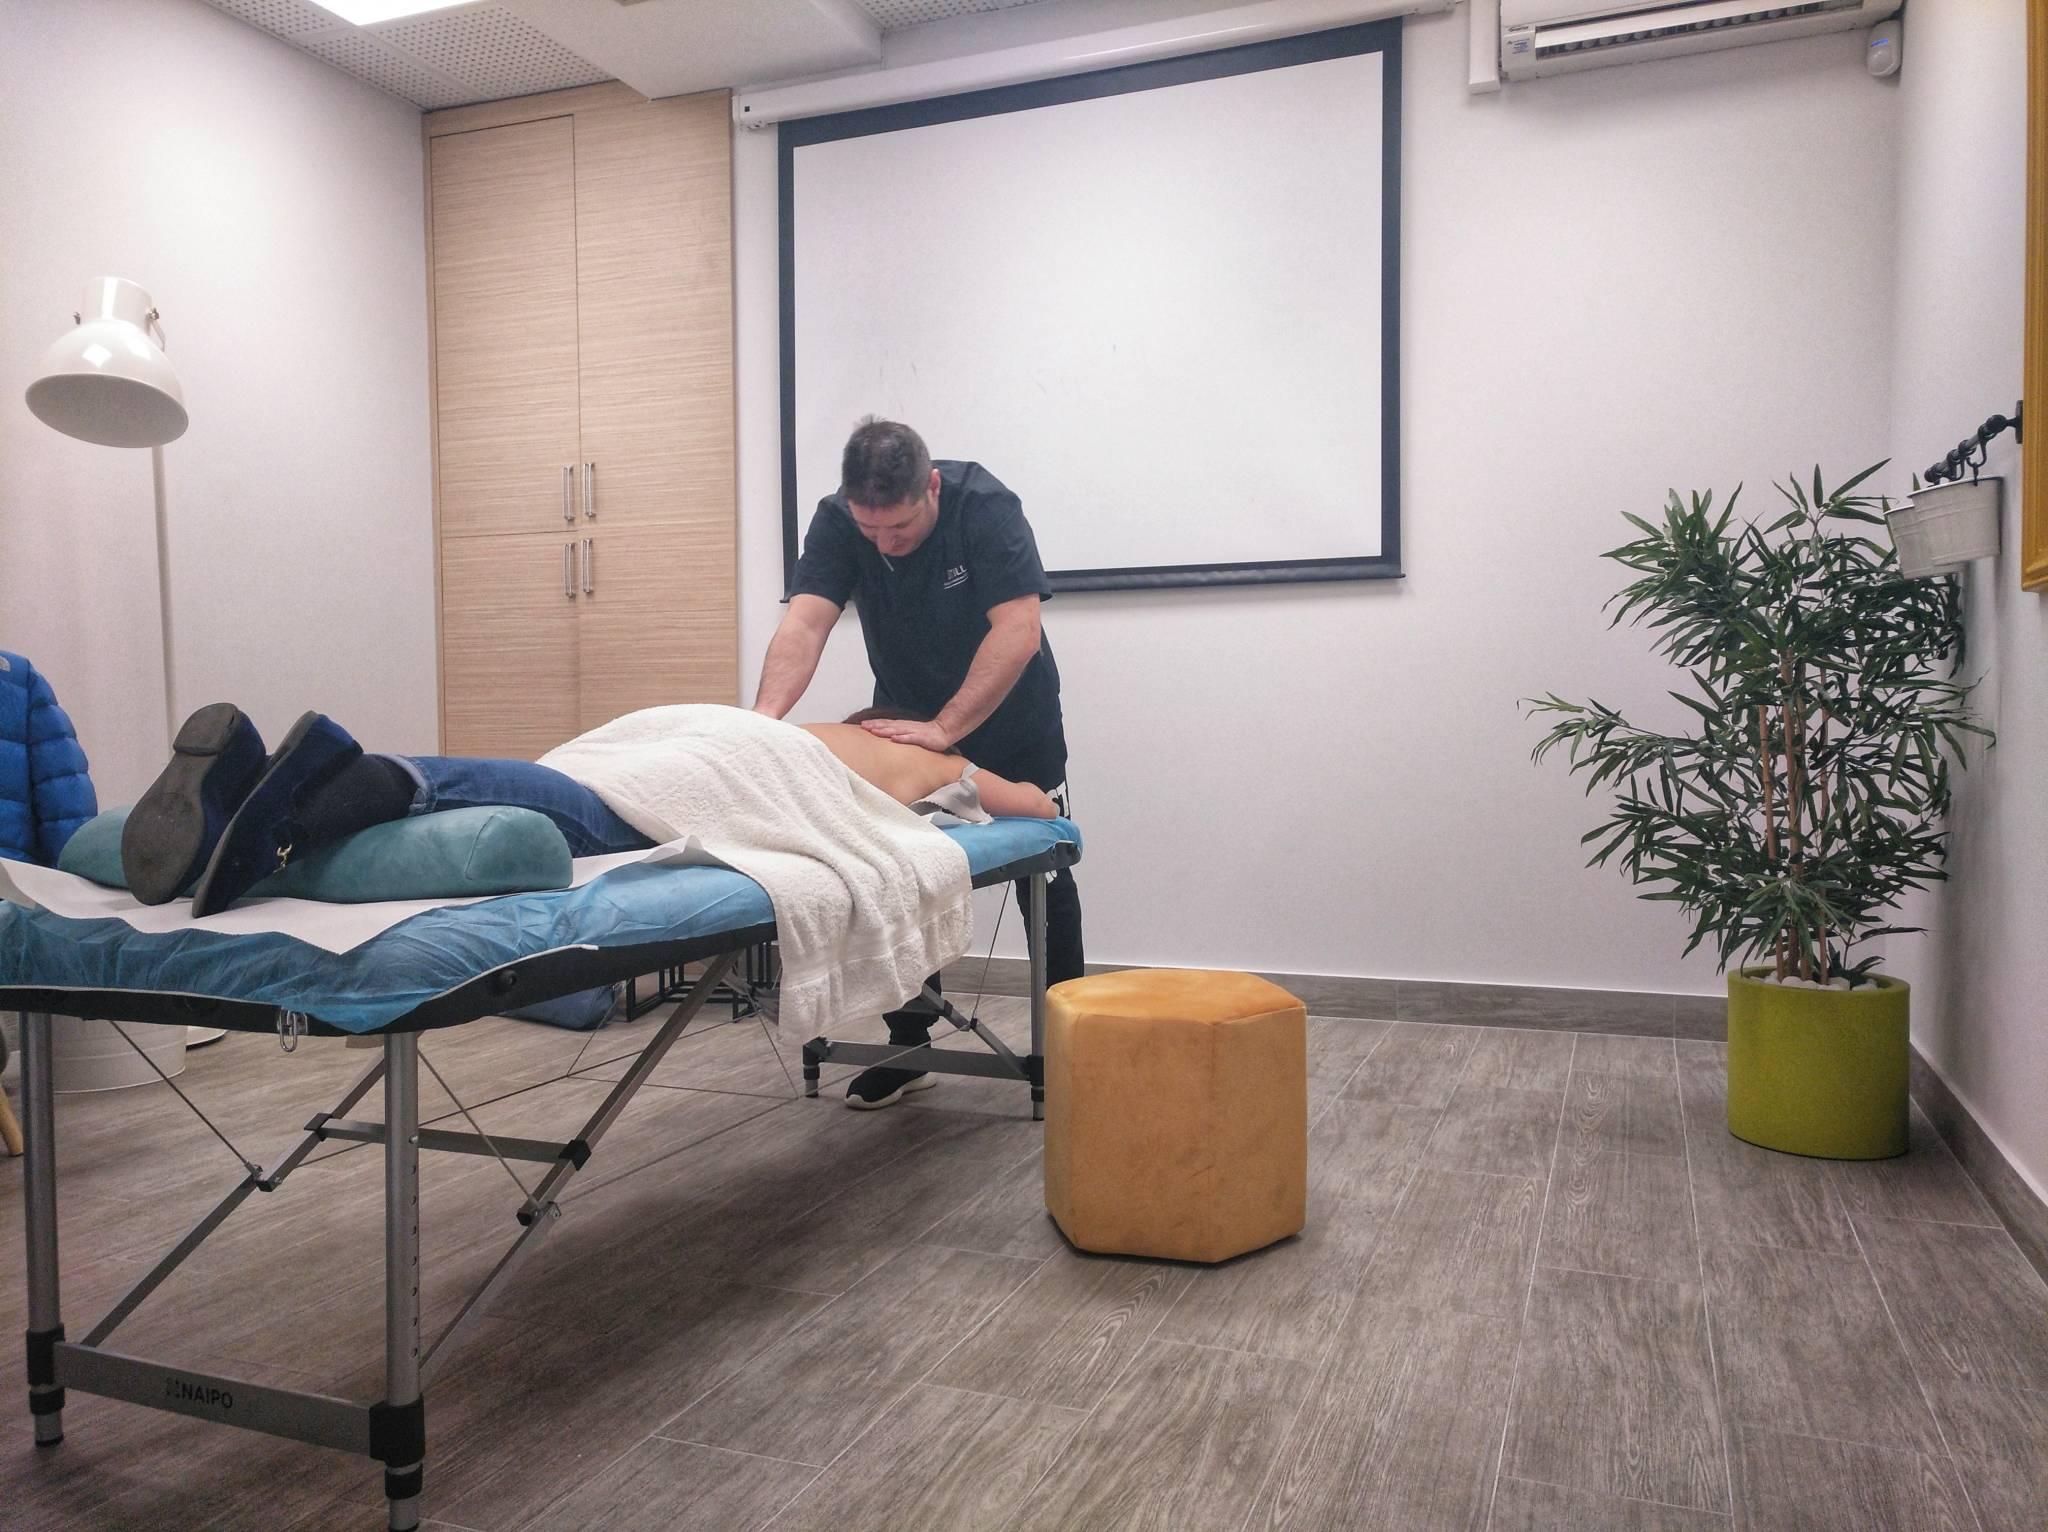 masajes PLUSCONTACTO